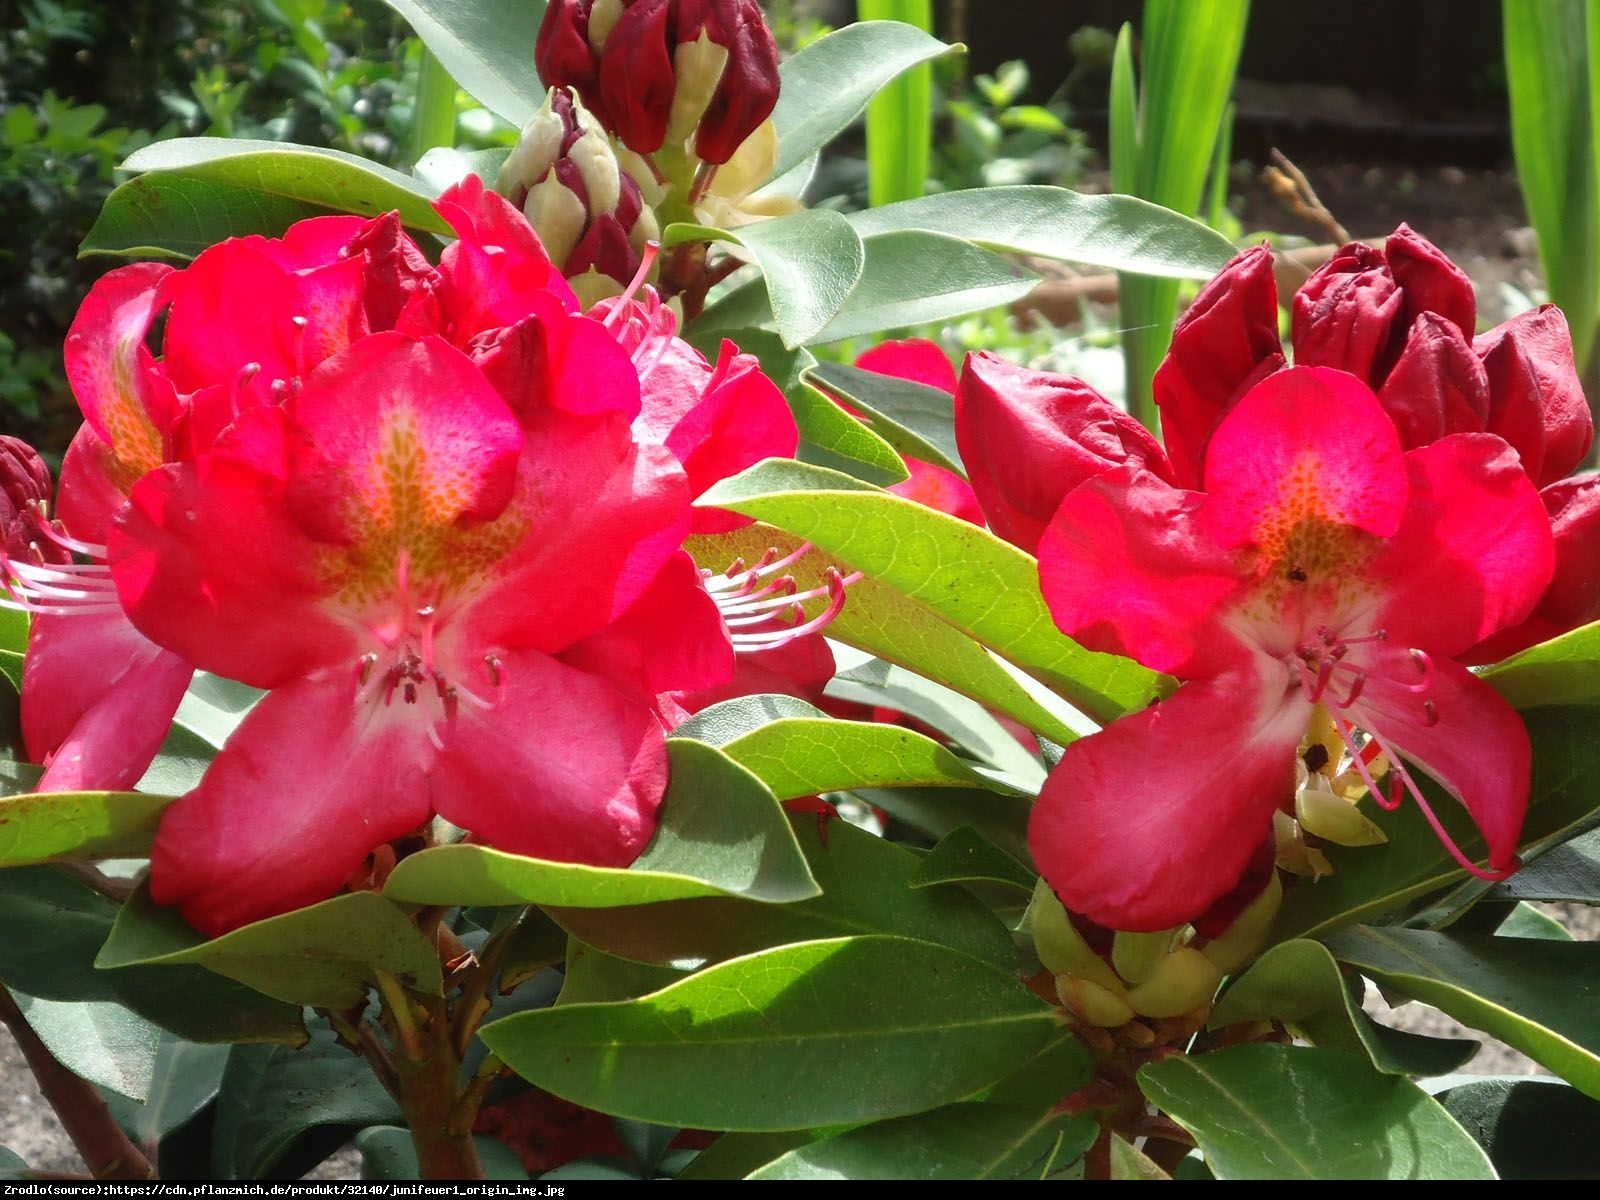 Różanecznik Junifeuer - Rhododendron Junifeuer